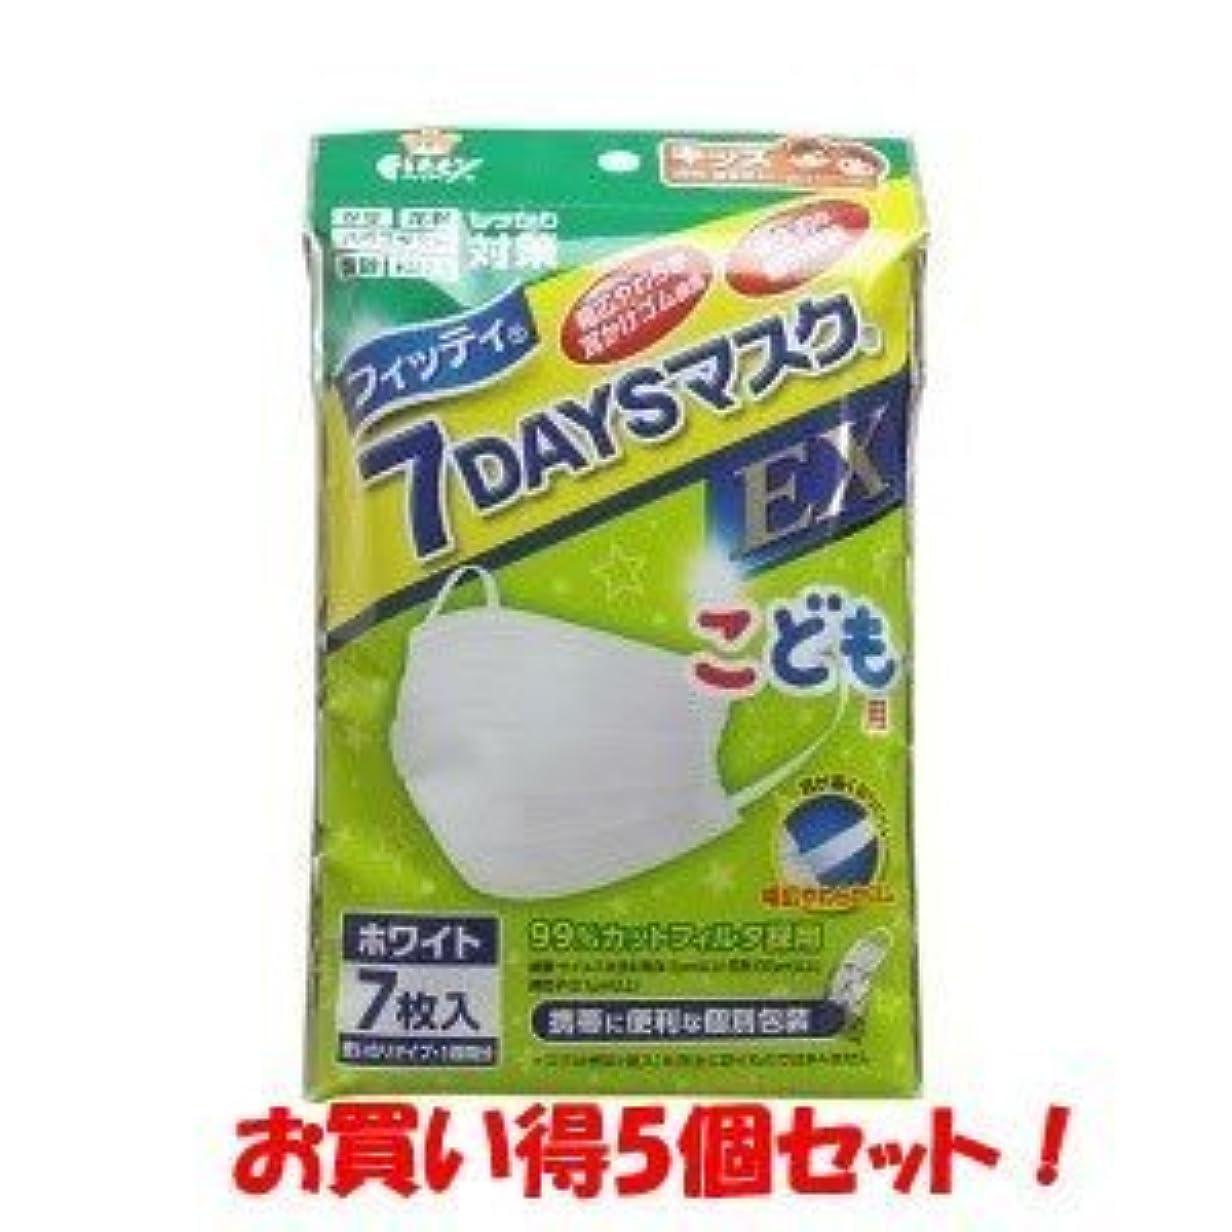 可決決済タイト(玉川衛材)フィッティ 7DAYSマスクEX こども用 ホワイト キッズサイズ 7枚入(お買い得5個セット)